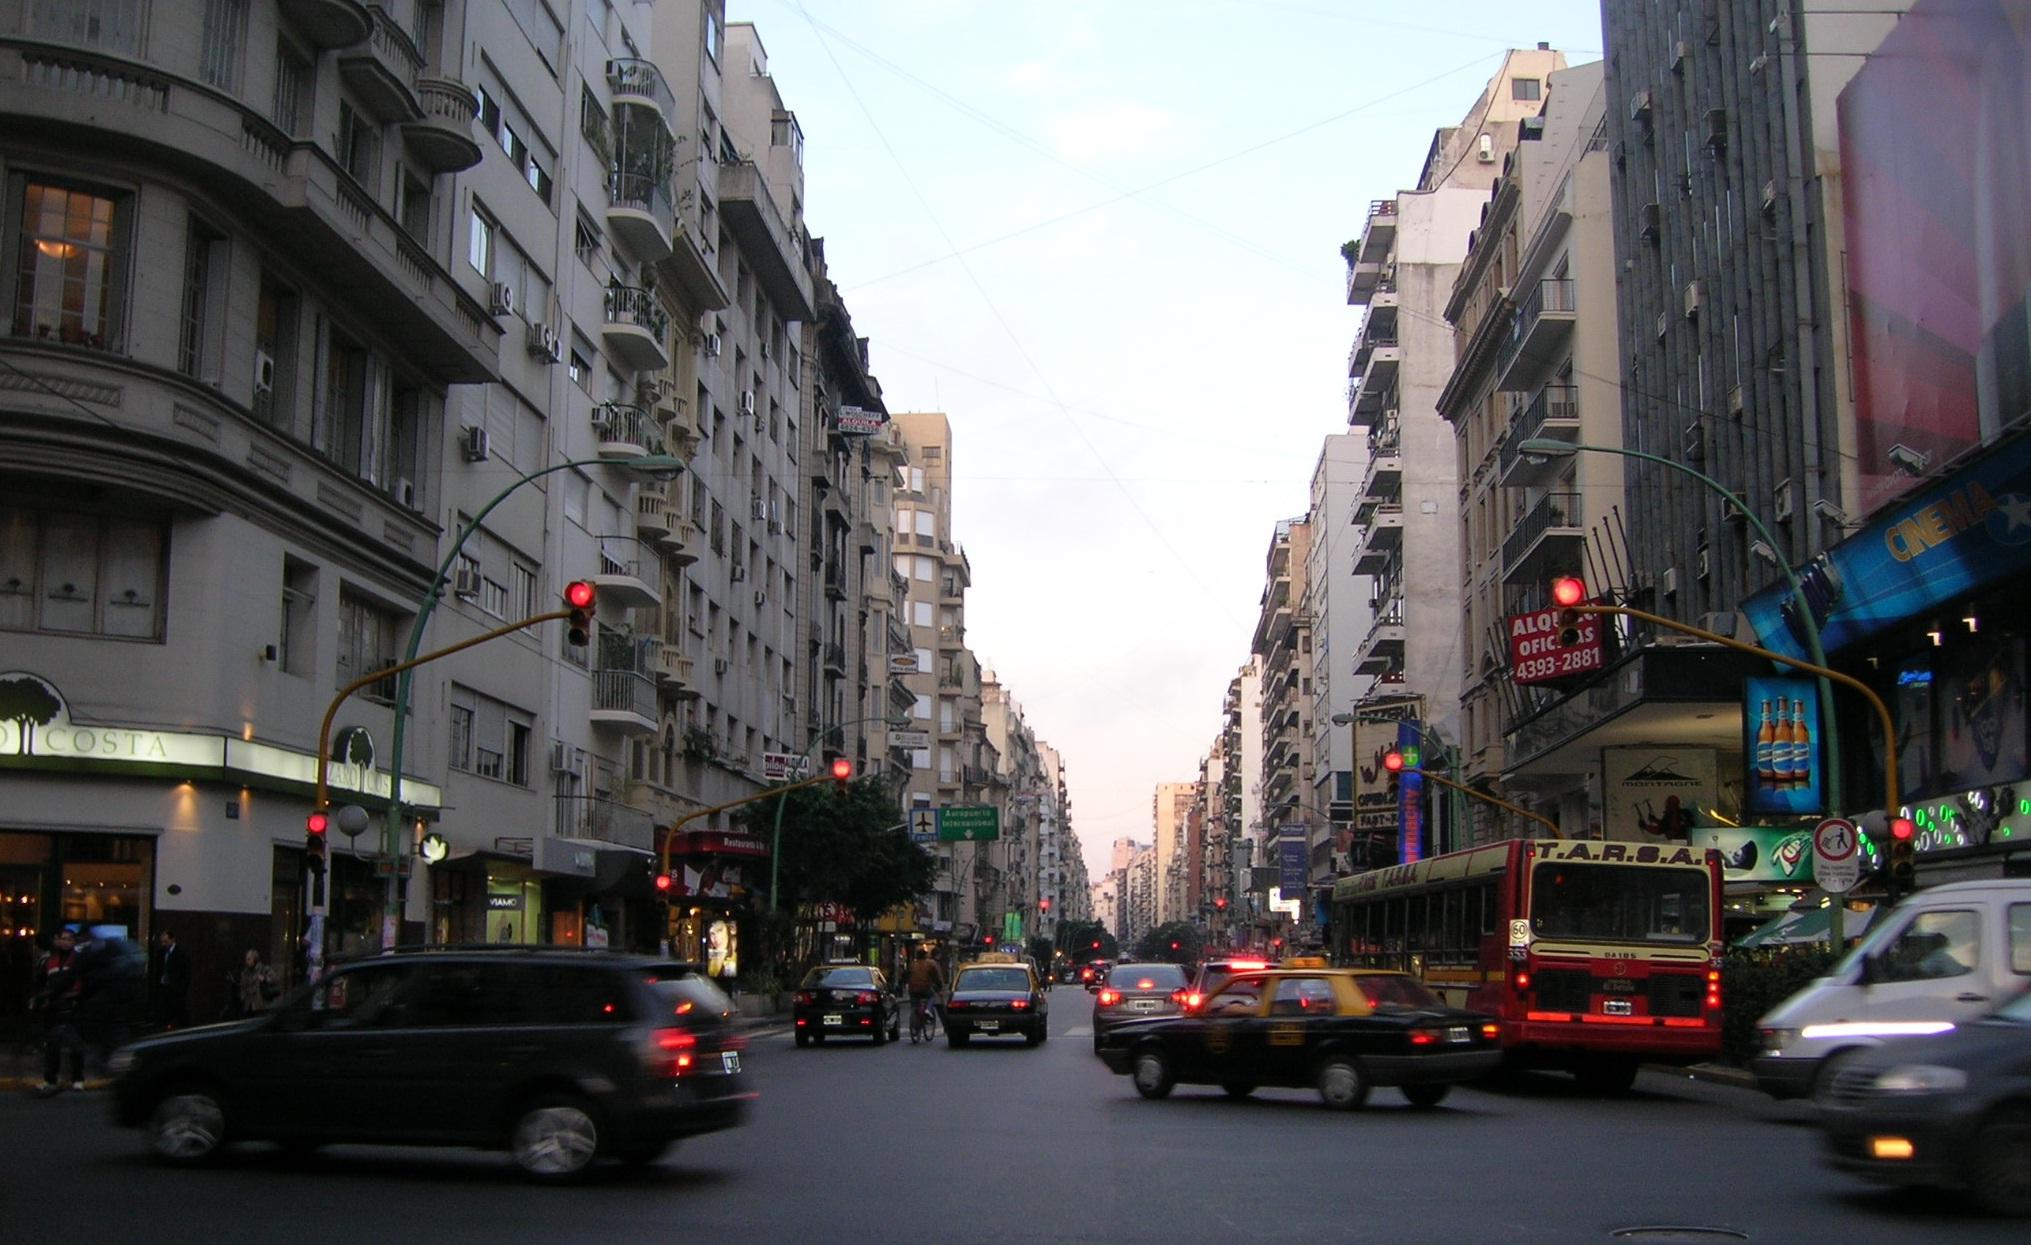 O papel das ruas comerciais: Critérios e estratégias para sua gestão, Via Plataforma Urbana